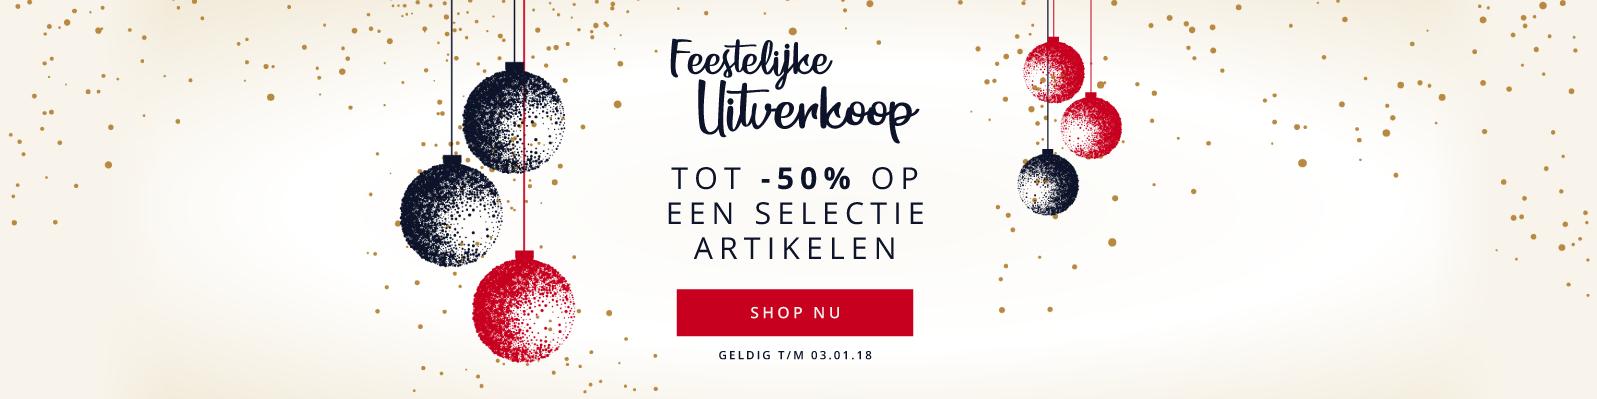 Feestelijke Uitverkoop Tot -50% op een selectie artikelen Geldig t/m 03.01.18